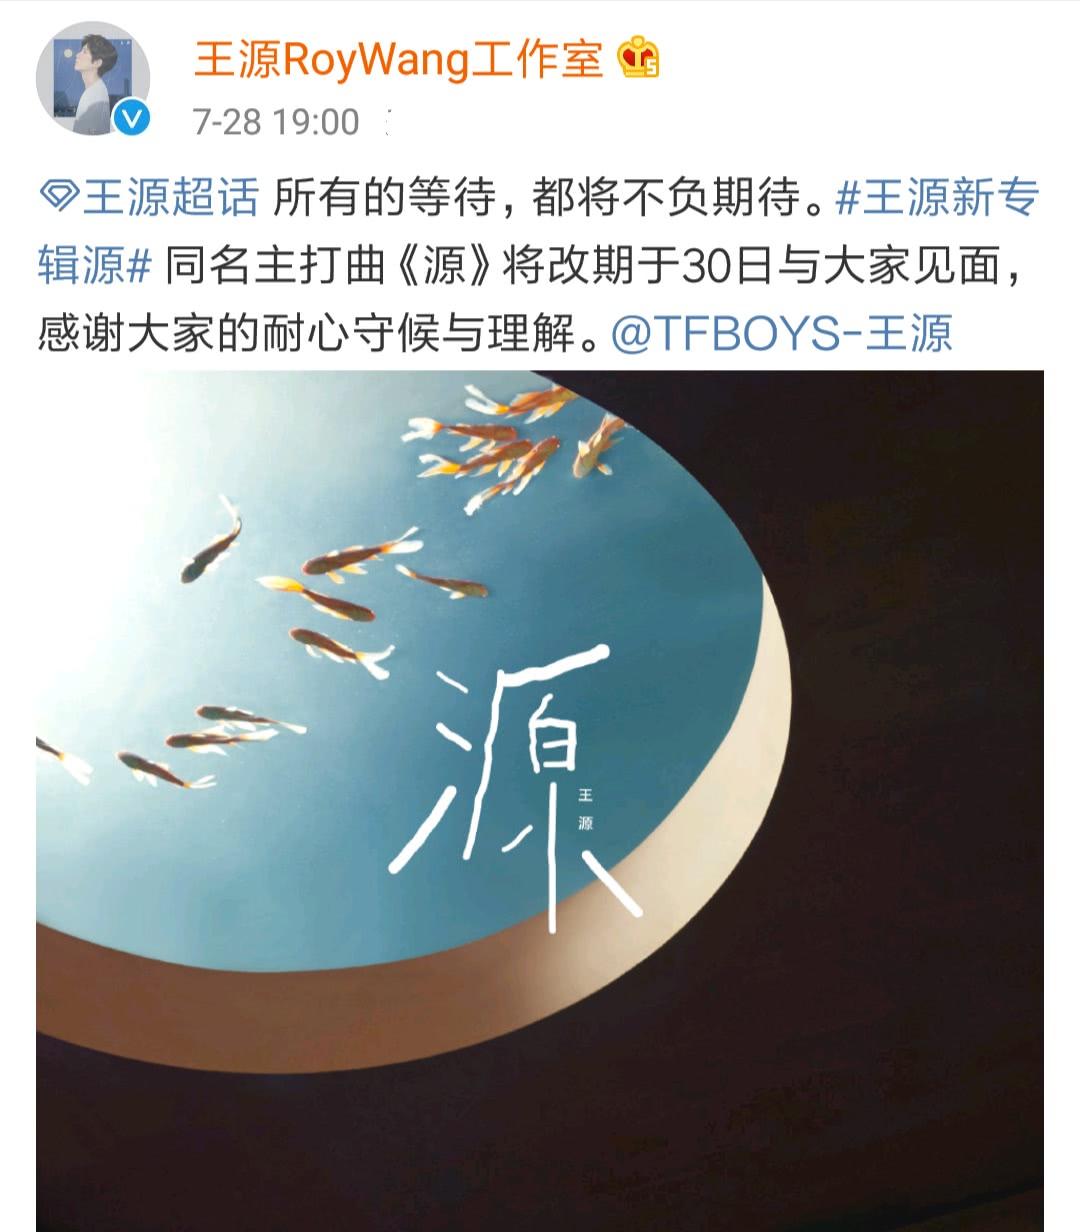 王源新歌推迟发布,粉丝没有不高兴反而很期待,因为有三件喜事